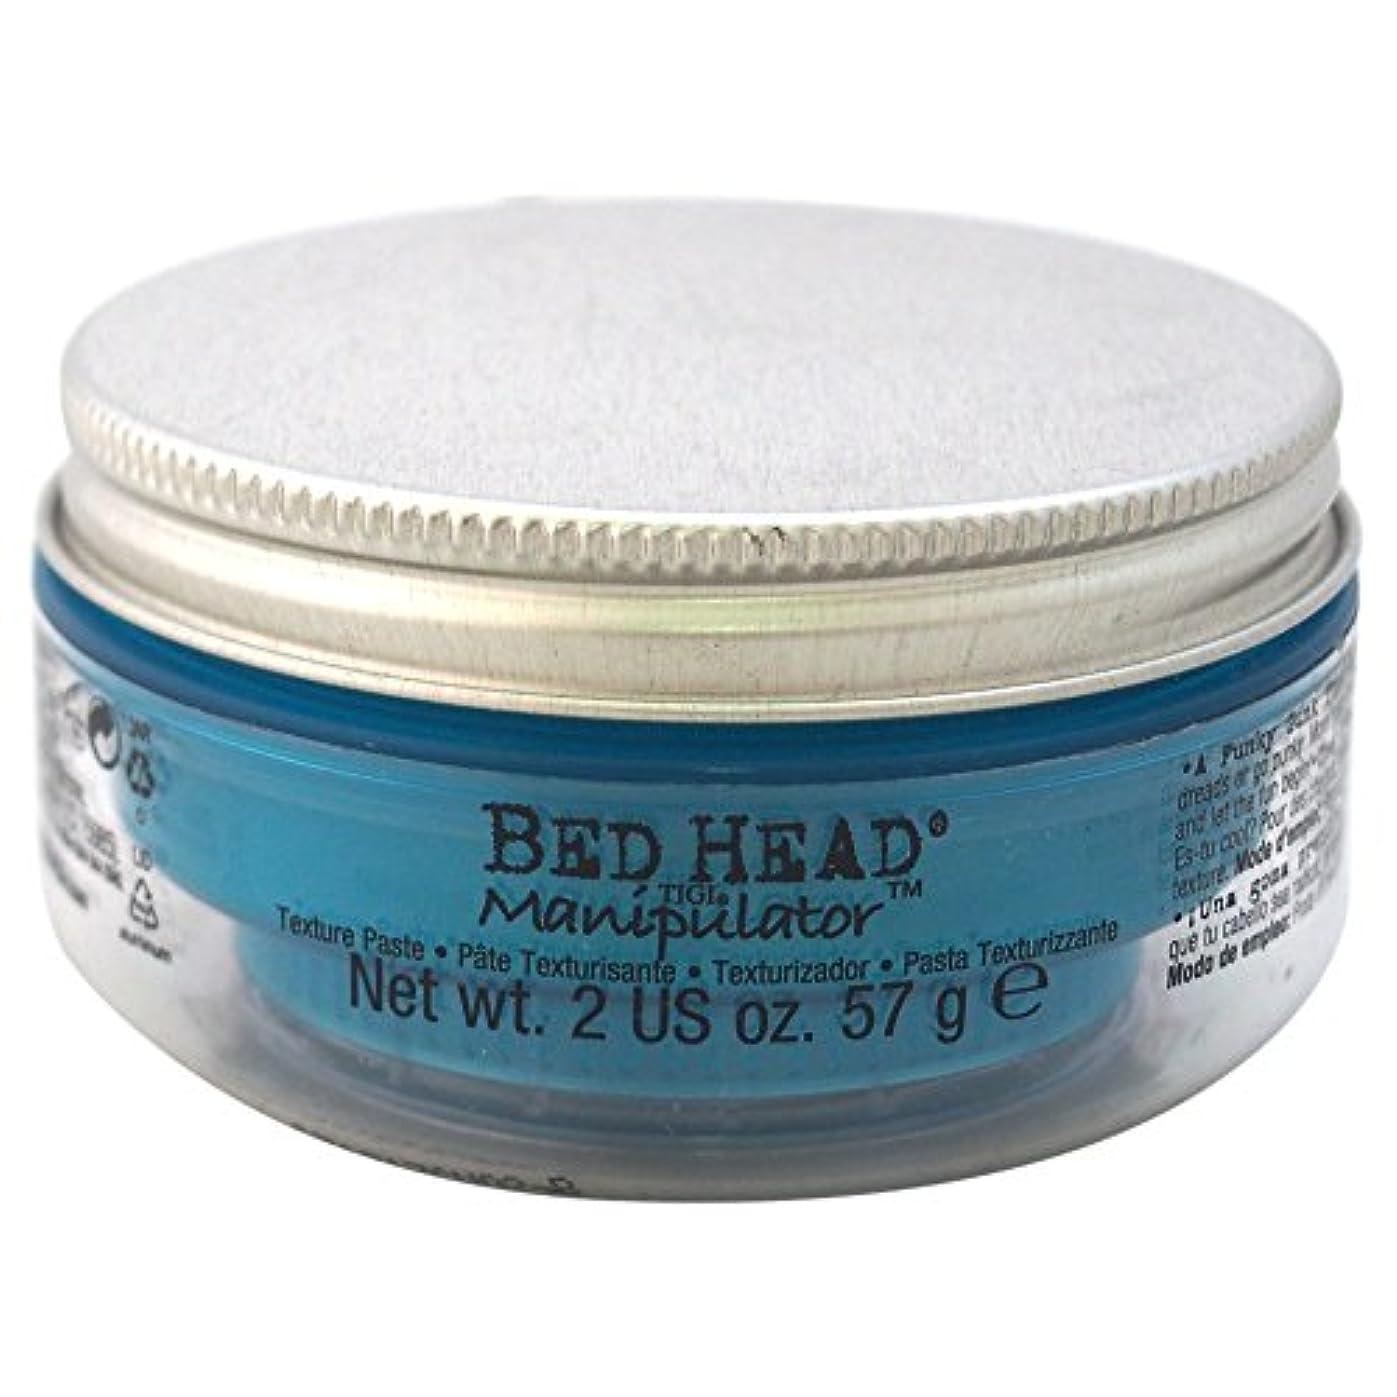 コーラス信じられない想像するティジー ベッドヘッドマニピュレーター テキシチヤ ペースト Tigi Bed Head Manipulator Texture Paste 57 ml [並行輸入品]